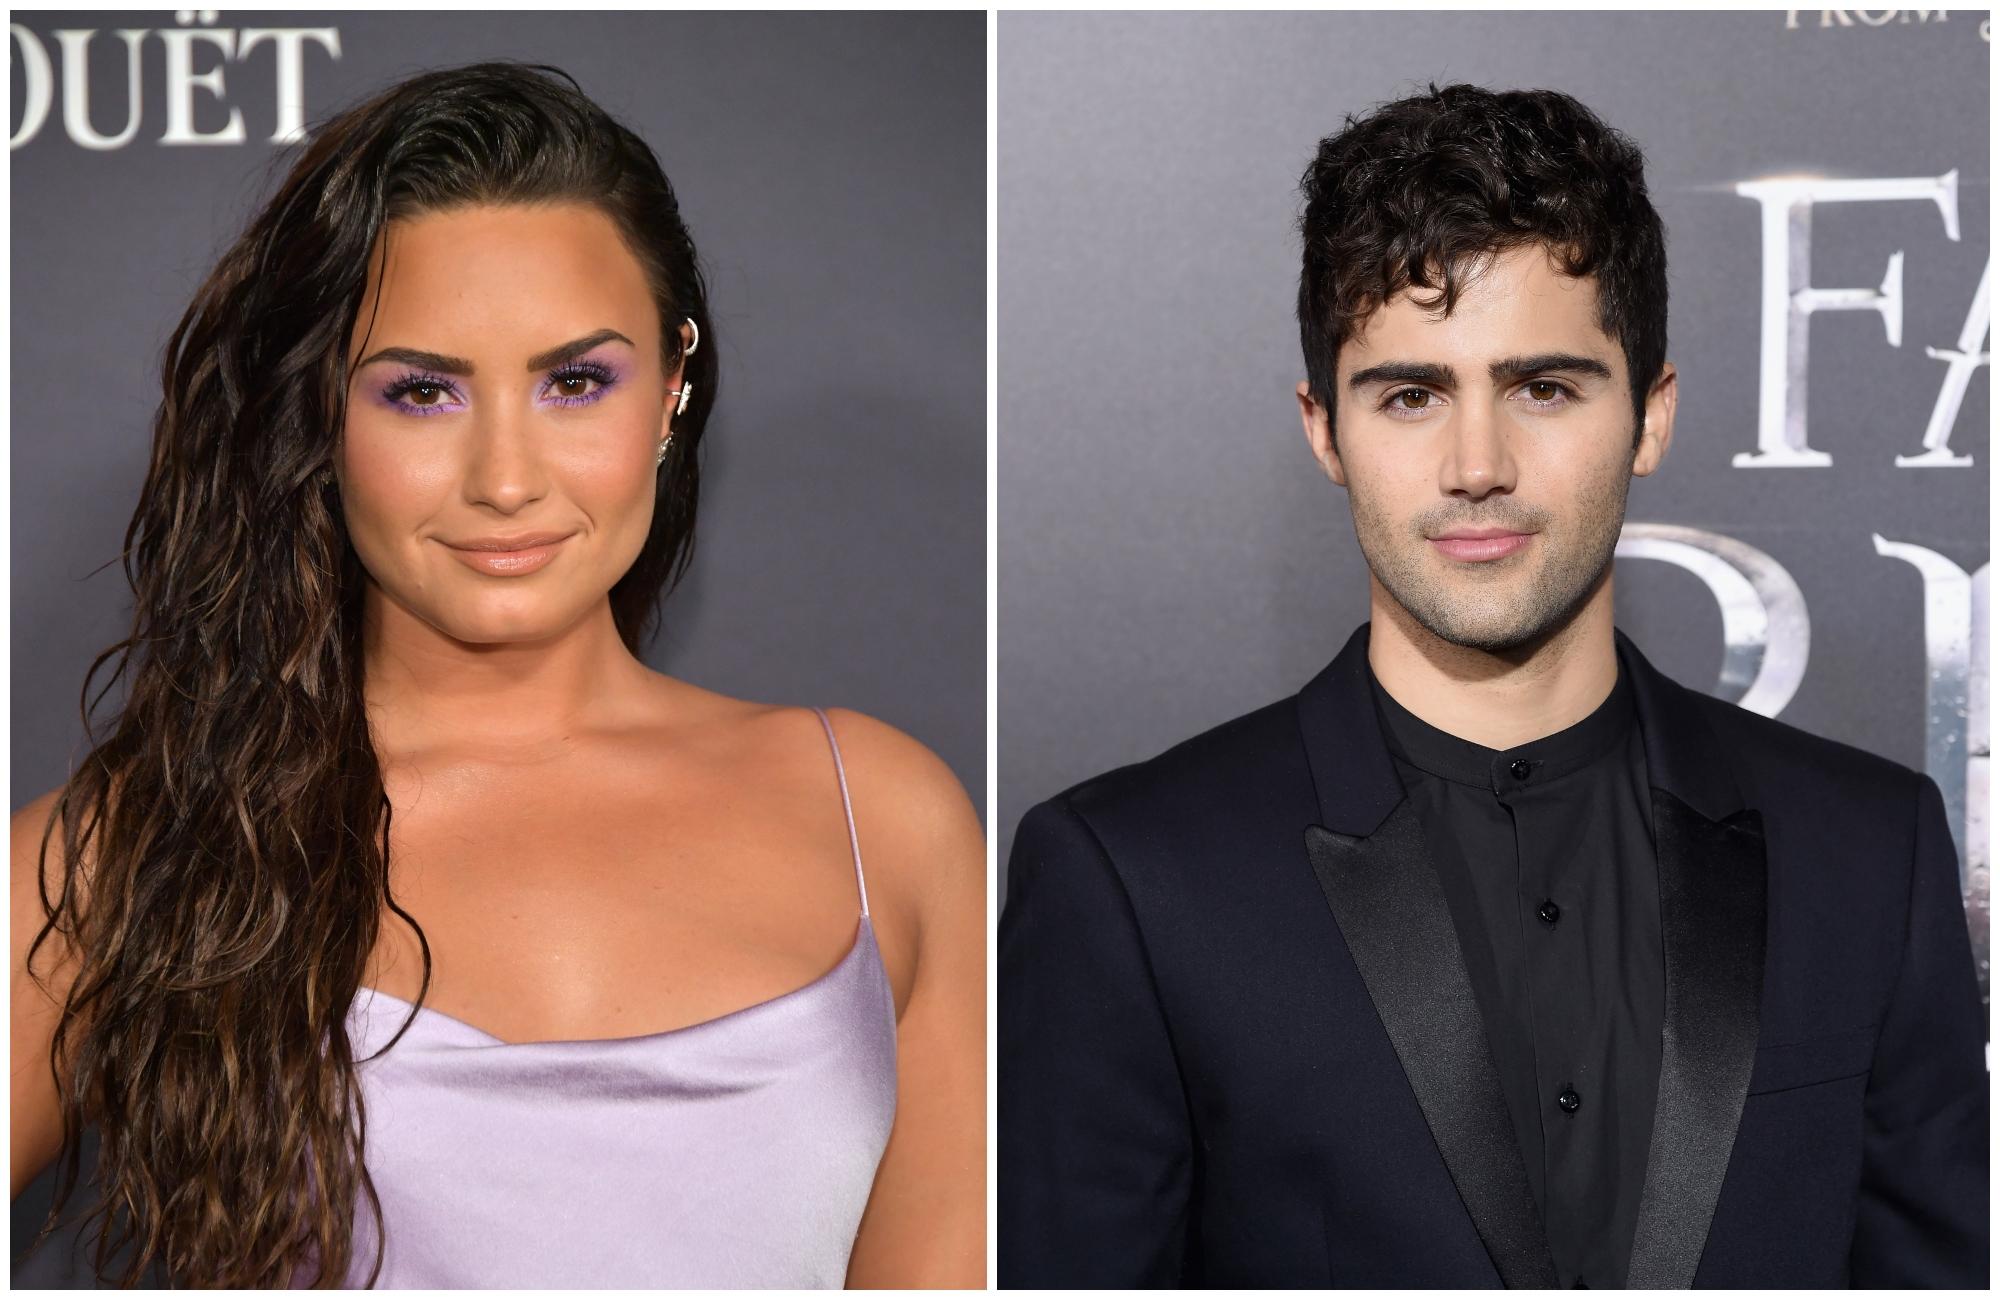 Demi Lovato Max Ehrich composite